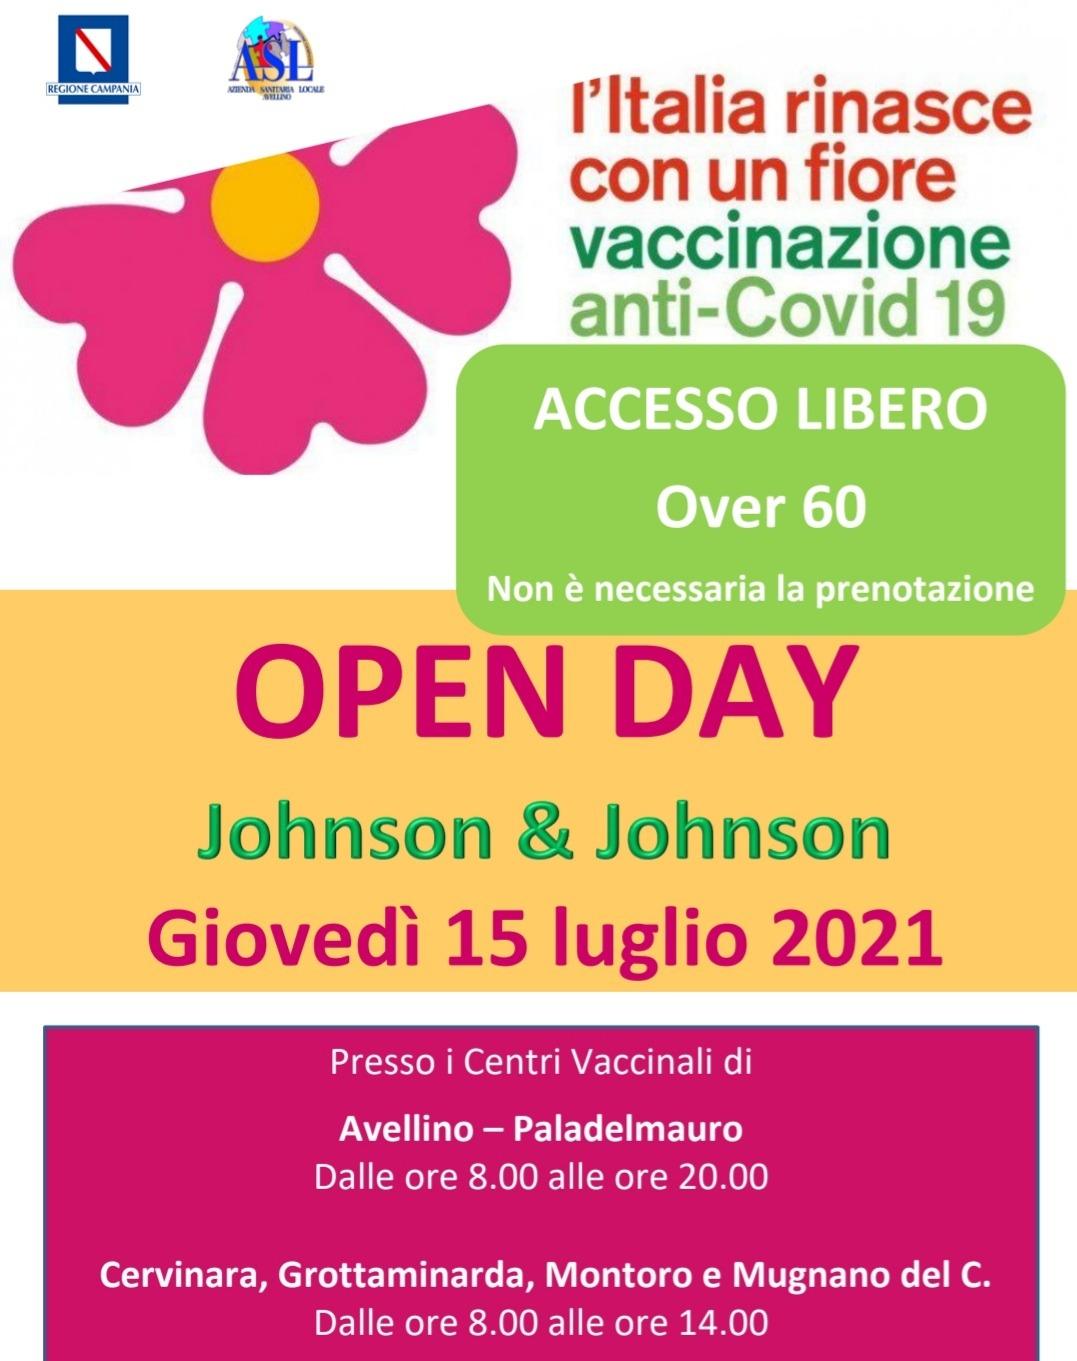 Open Day Johnson, giovedì 15 luglio. Accesso libero per gli over 60